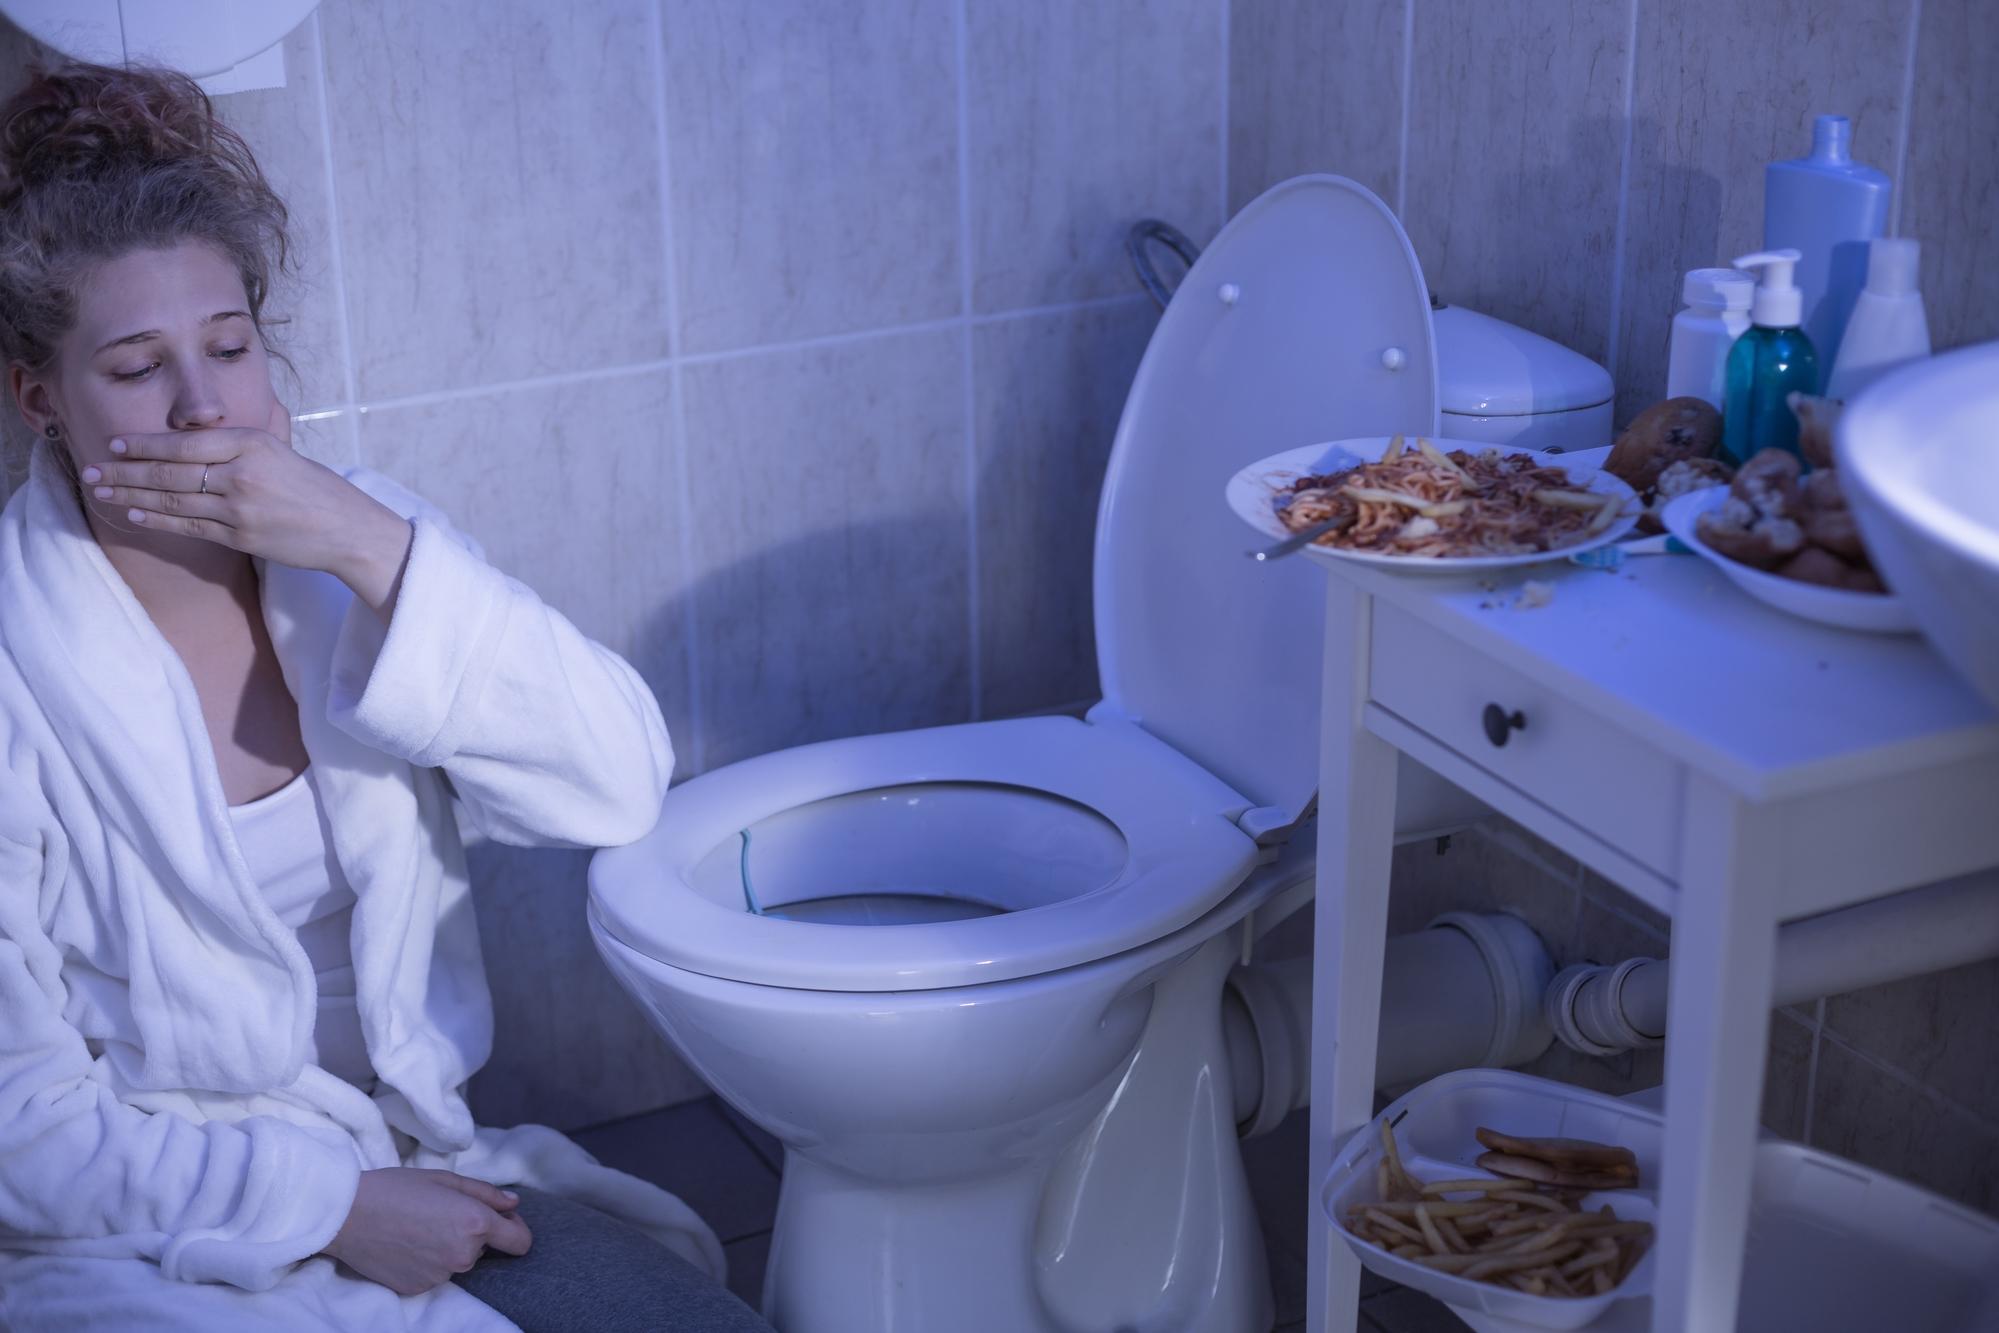 Anoreksja i bulimia - zagrożenie zdrowia i życia